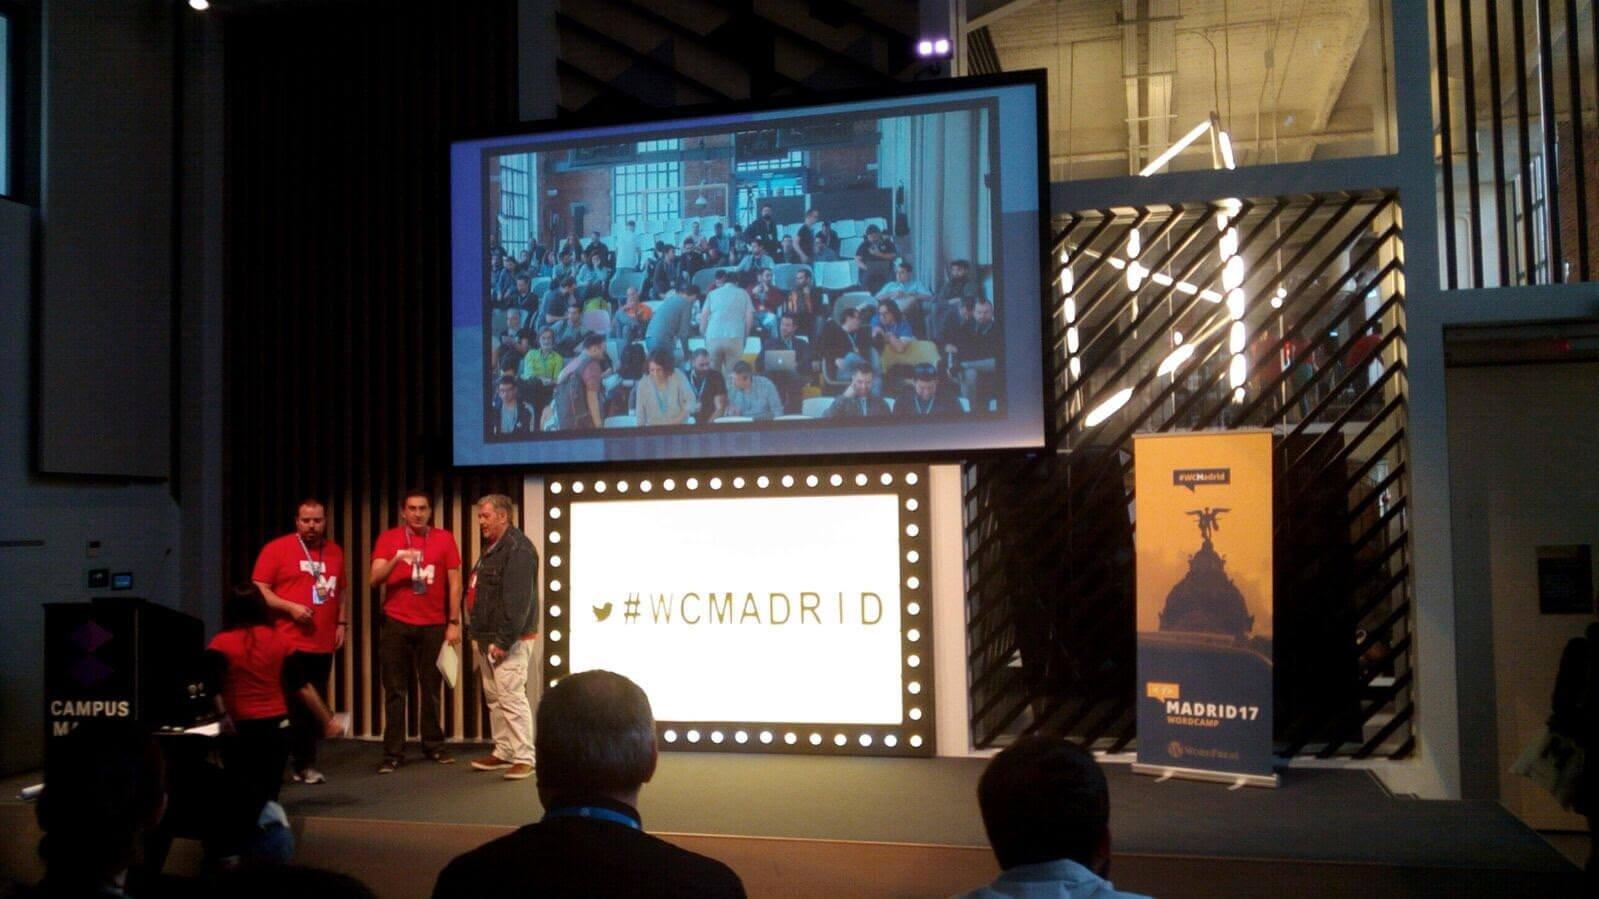 Ponencia WordCamp 2017 Madrid